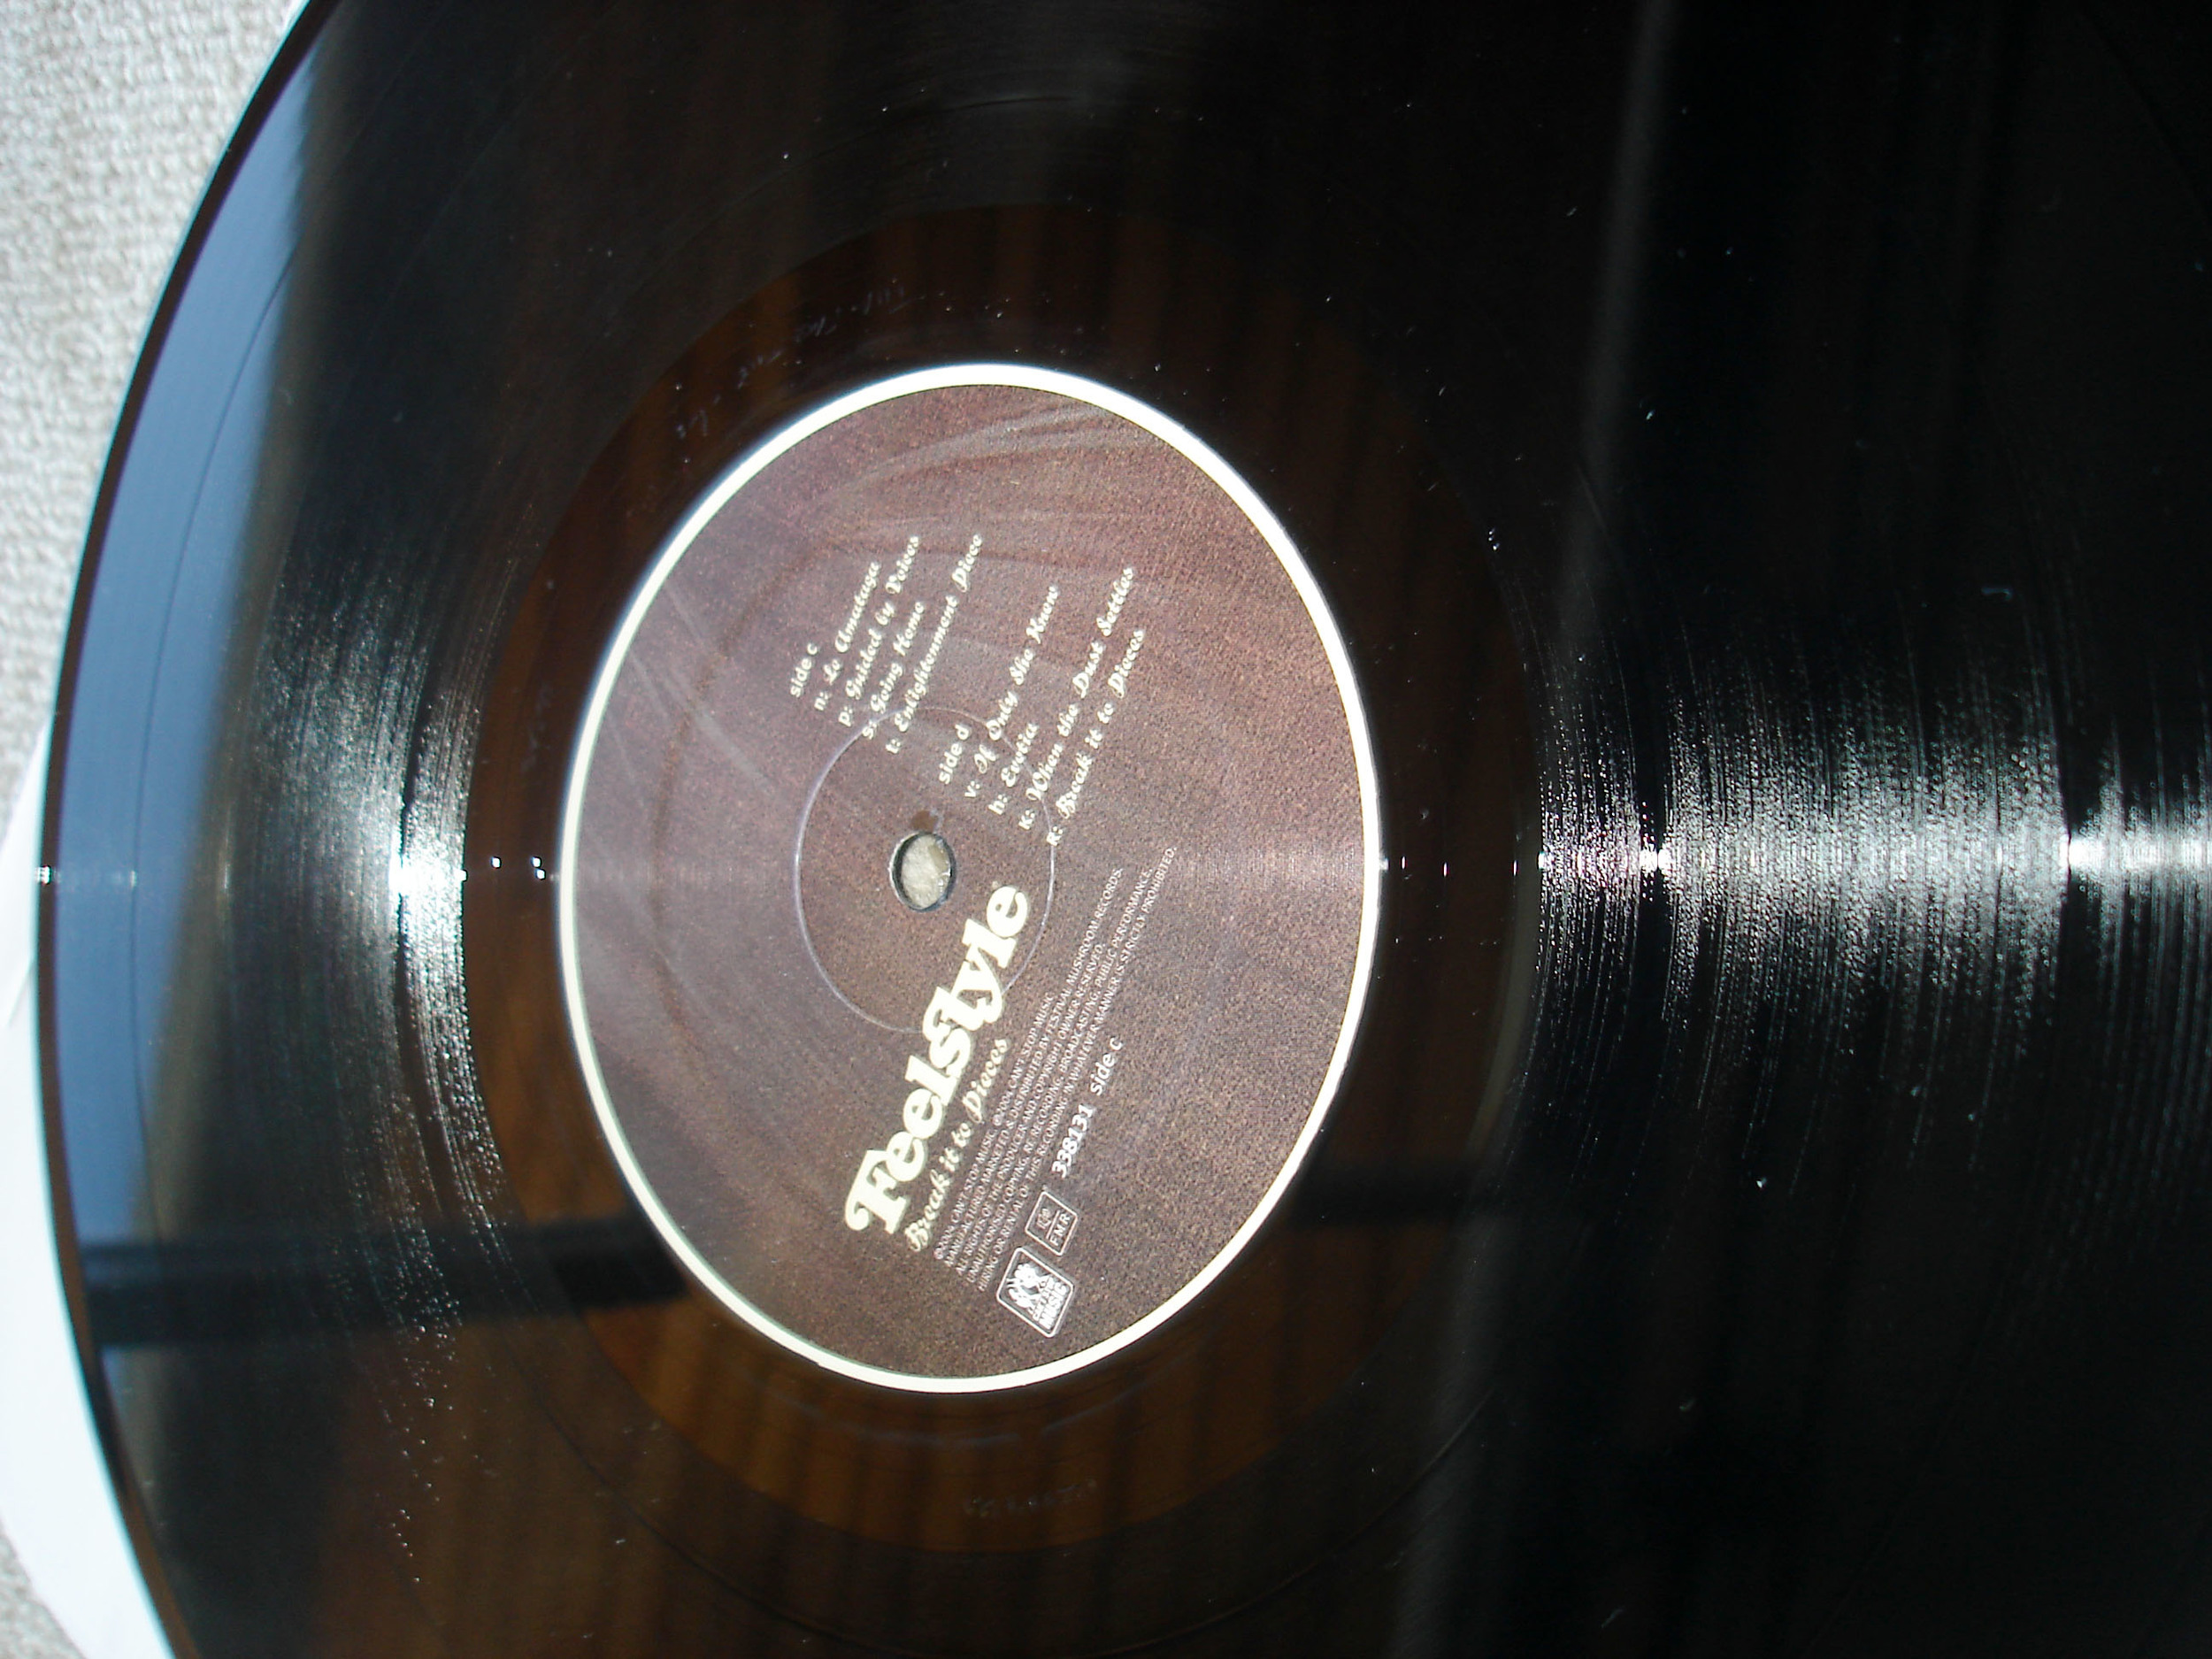 THE FEELSTYLE - BREAK IT TO PIECES - ALBUM